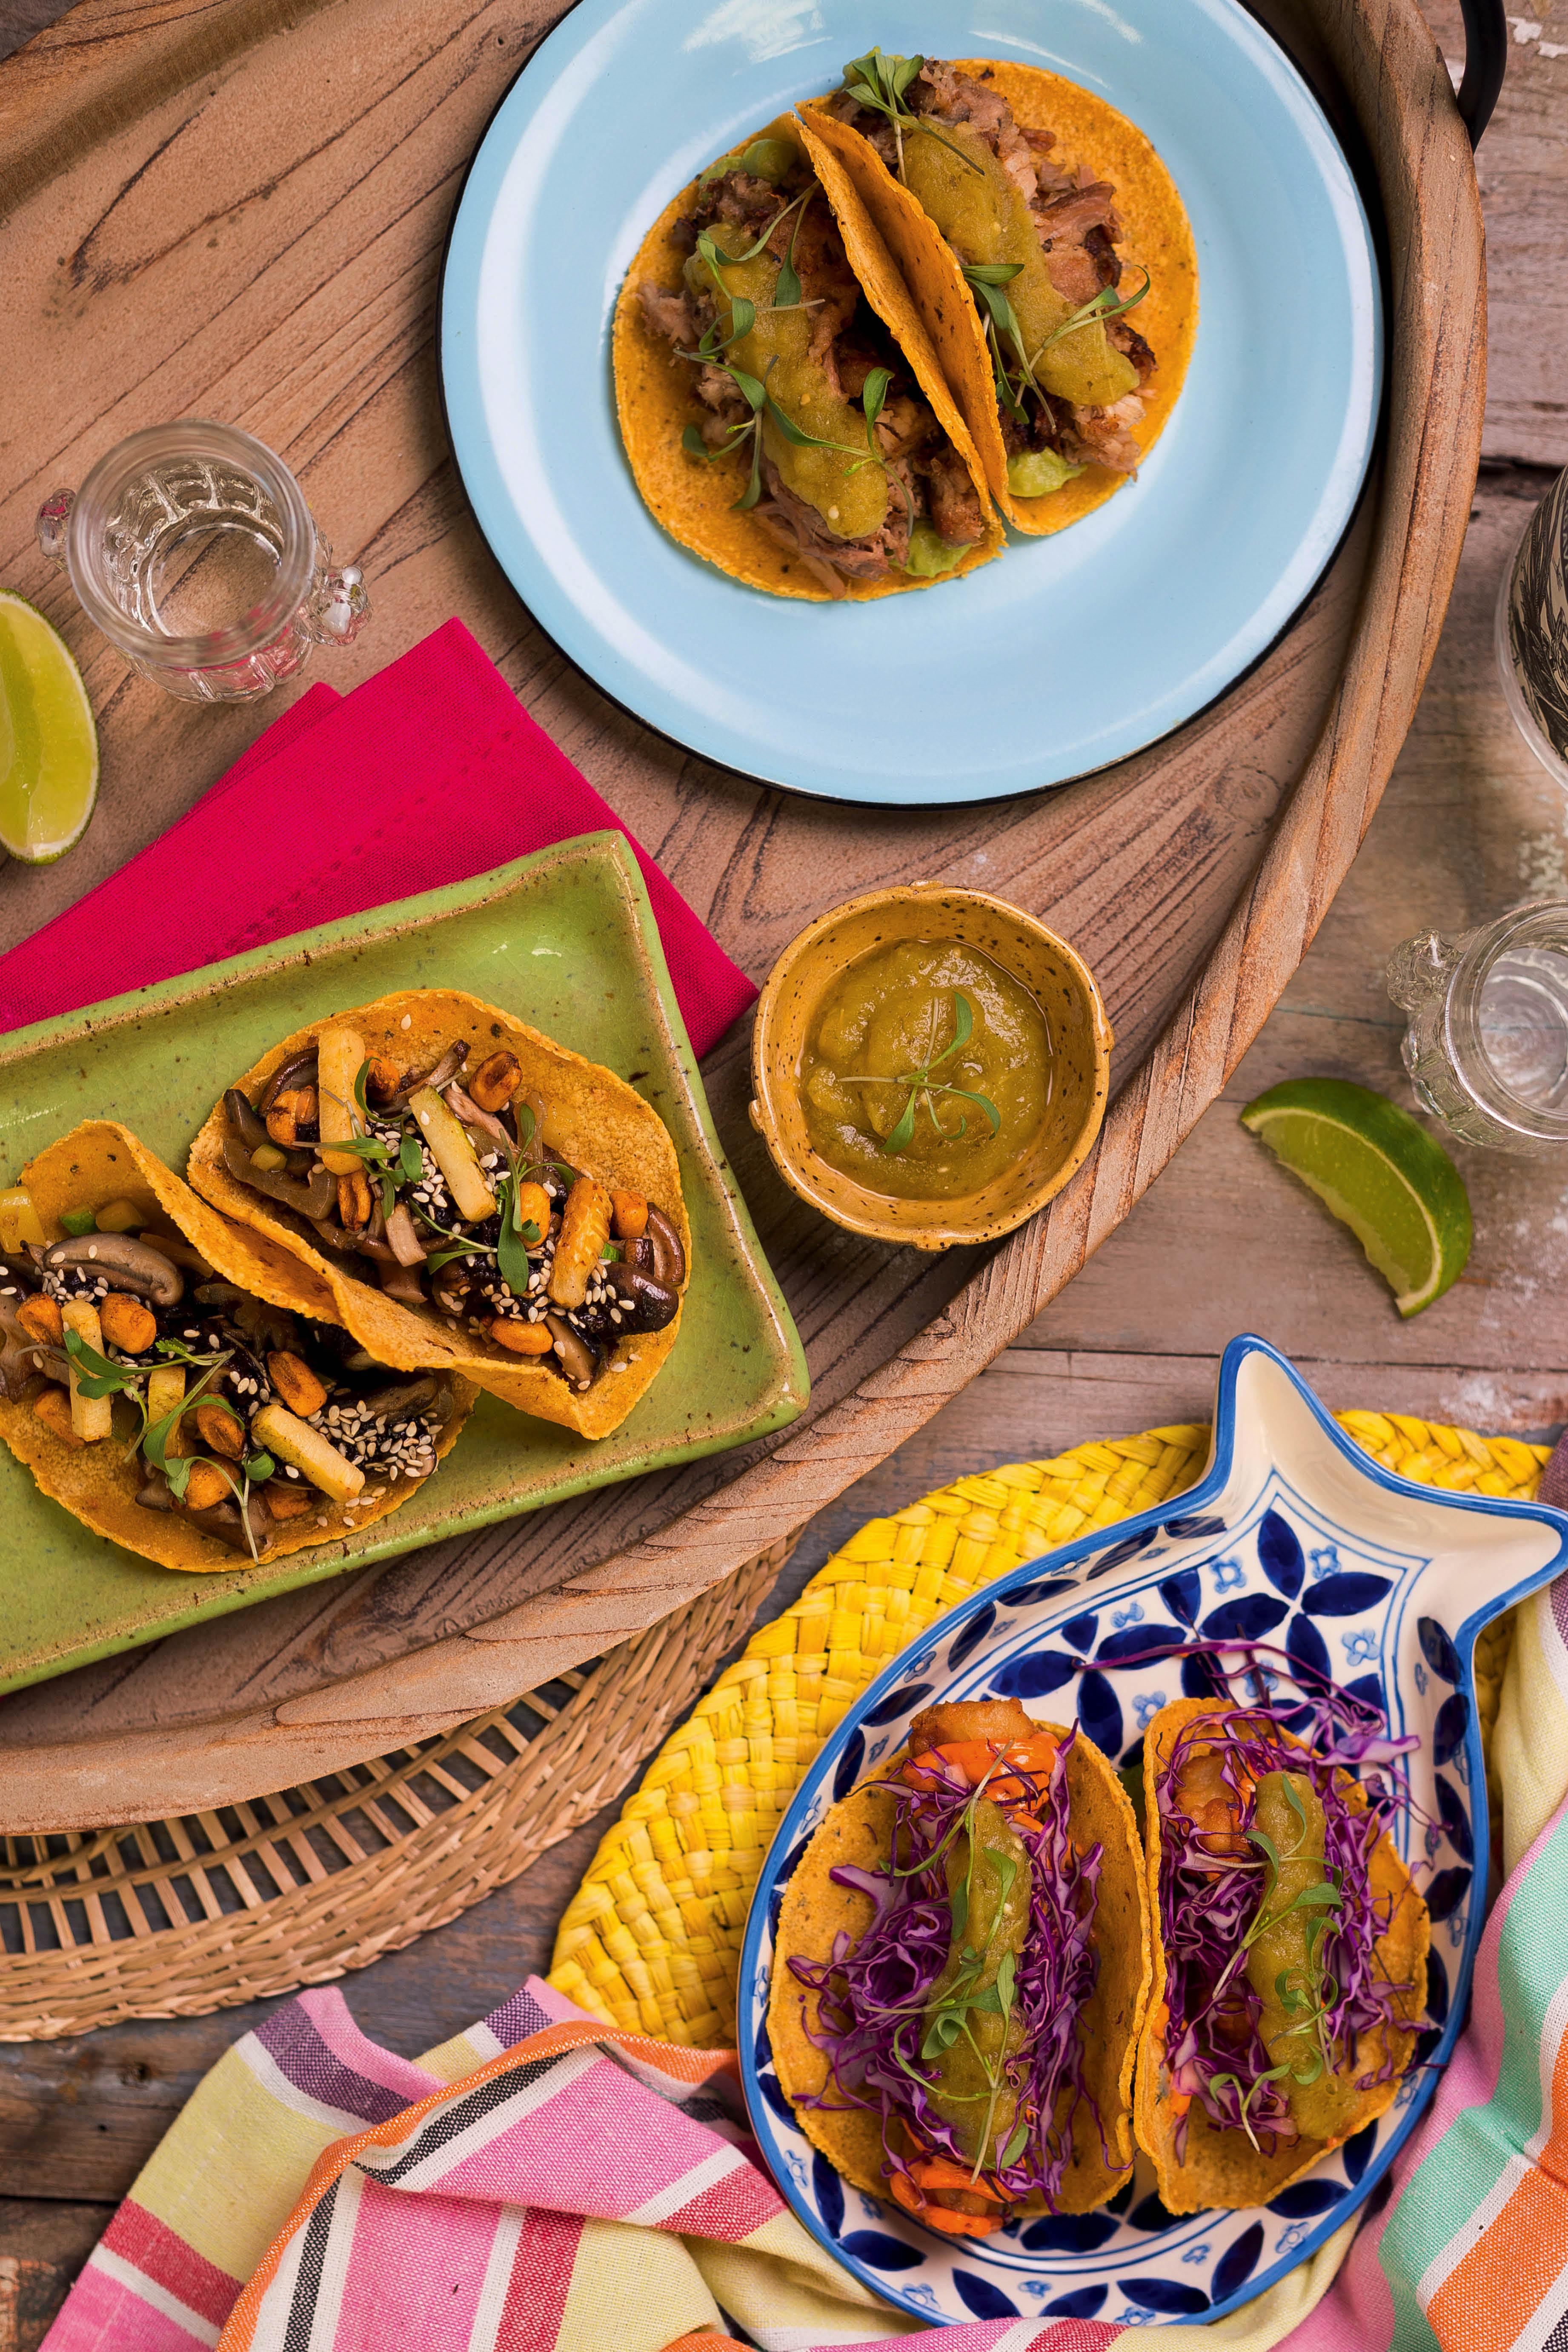 Tacos de canitas, umami e pescado, do Lupe, Bar y Taqueria